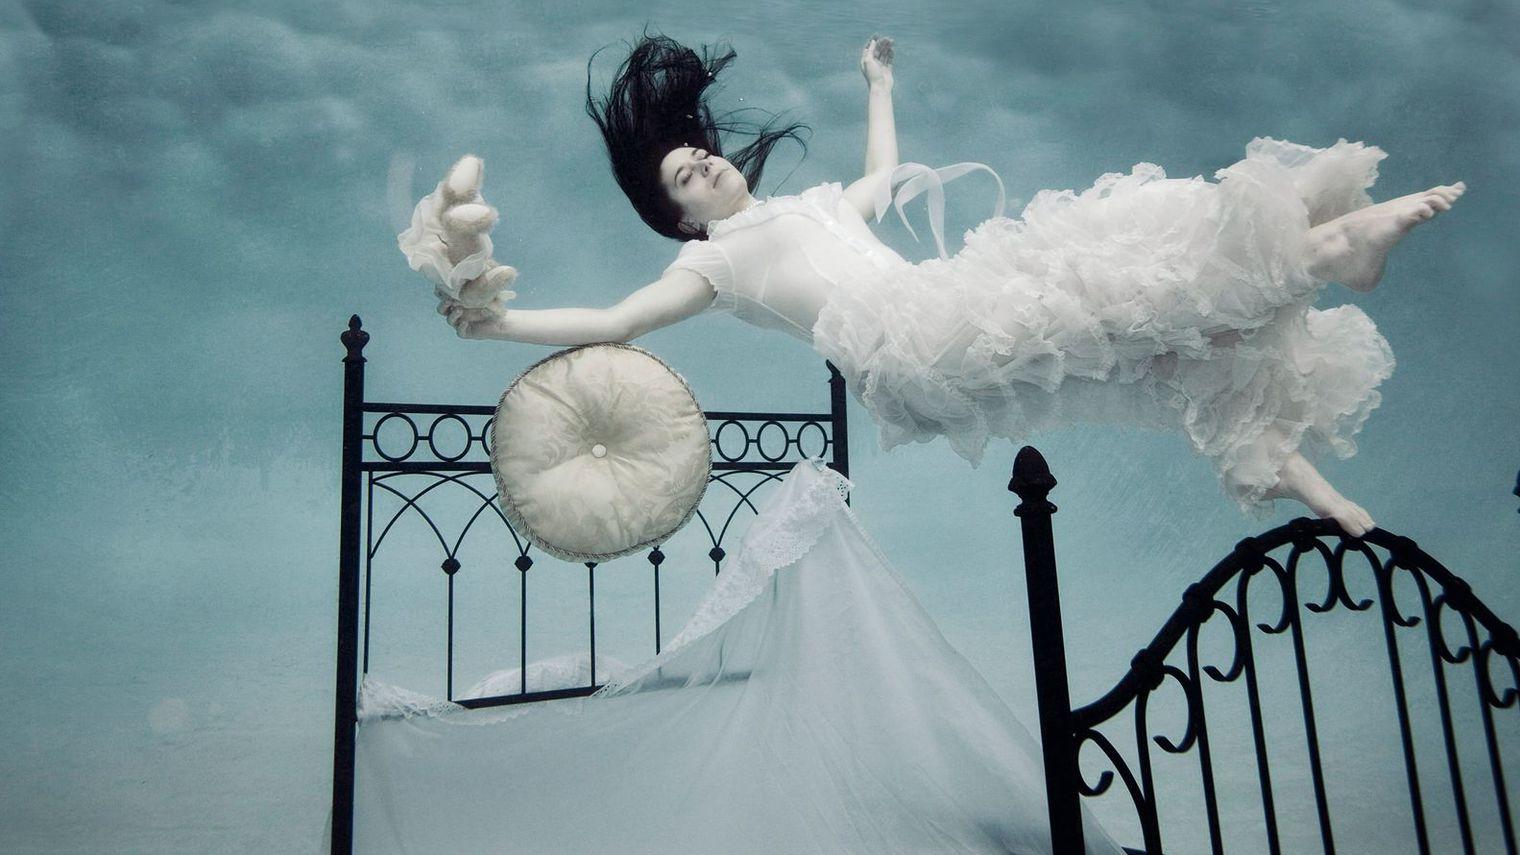 بالصور الفرق بين الحلم والرؤيا , الحلم والرؤيا والعلاقه بينهم 431 1